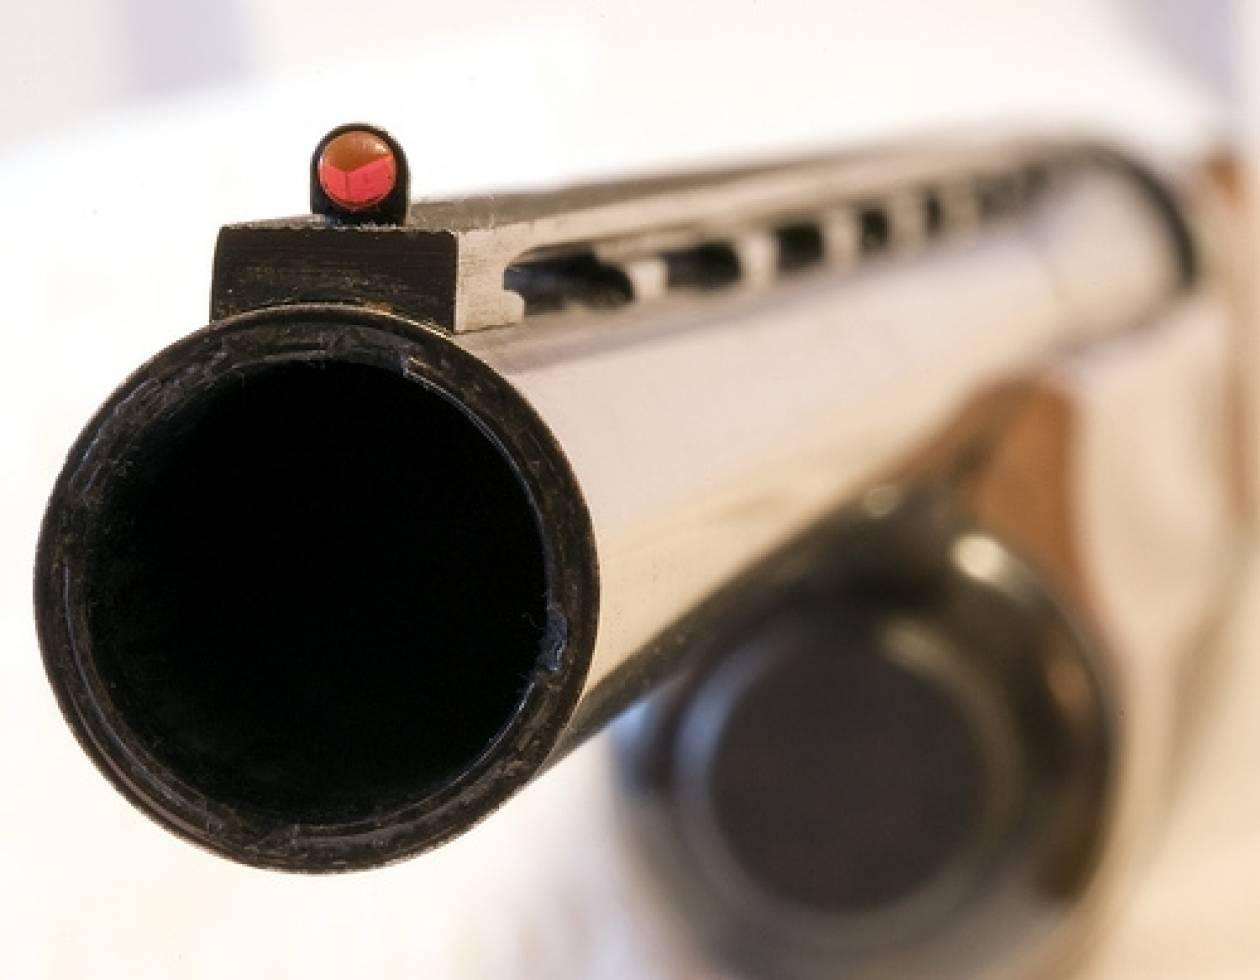 Σοκ: Αυτοπυροβολήθηκε γνωστός δικηγόρος